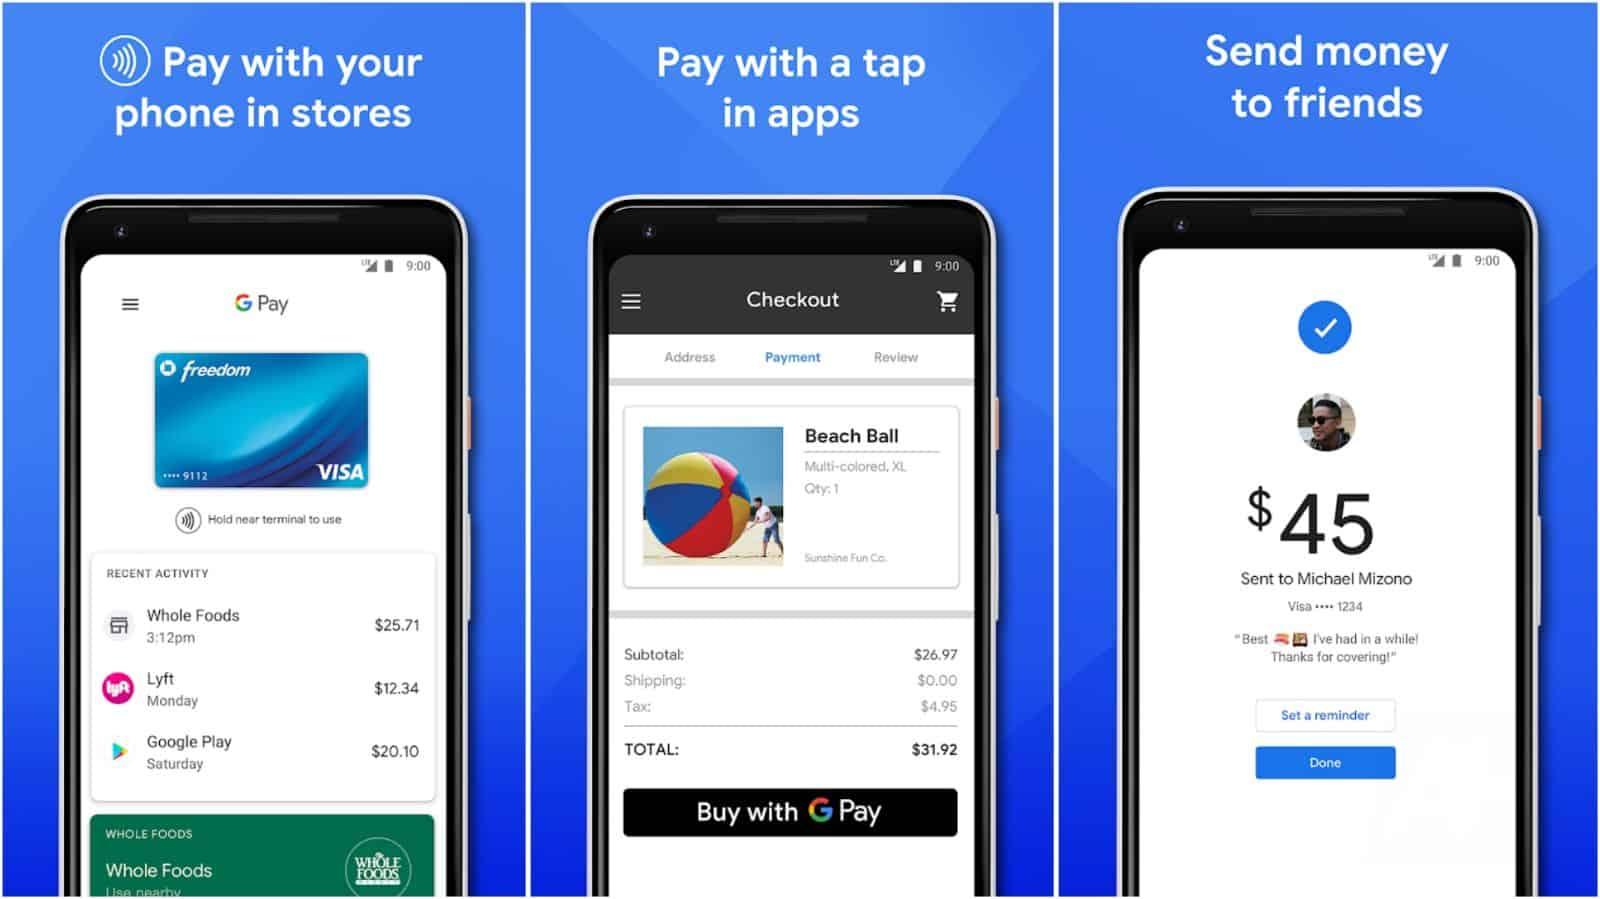 Immagine della griglia dell'app Google Pay